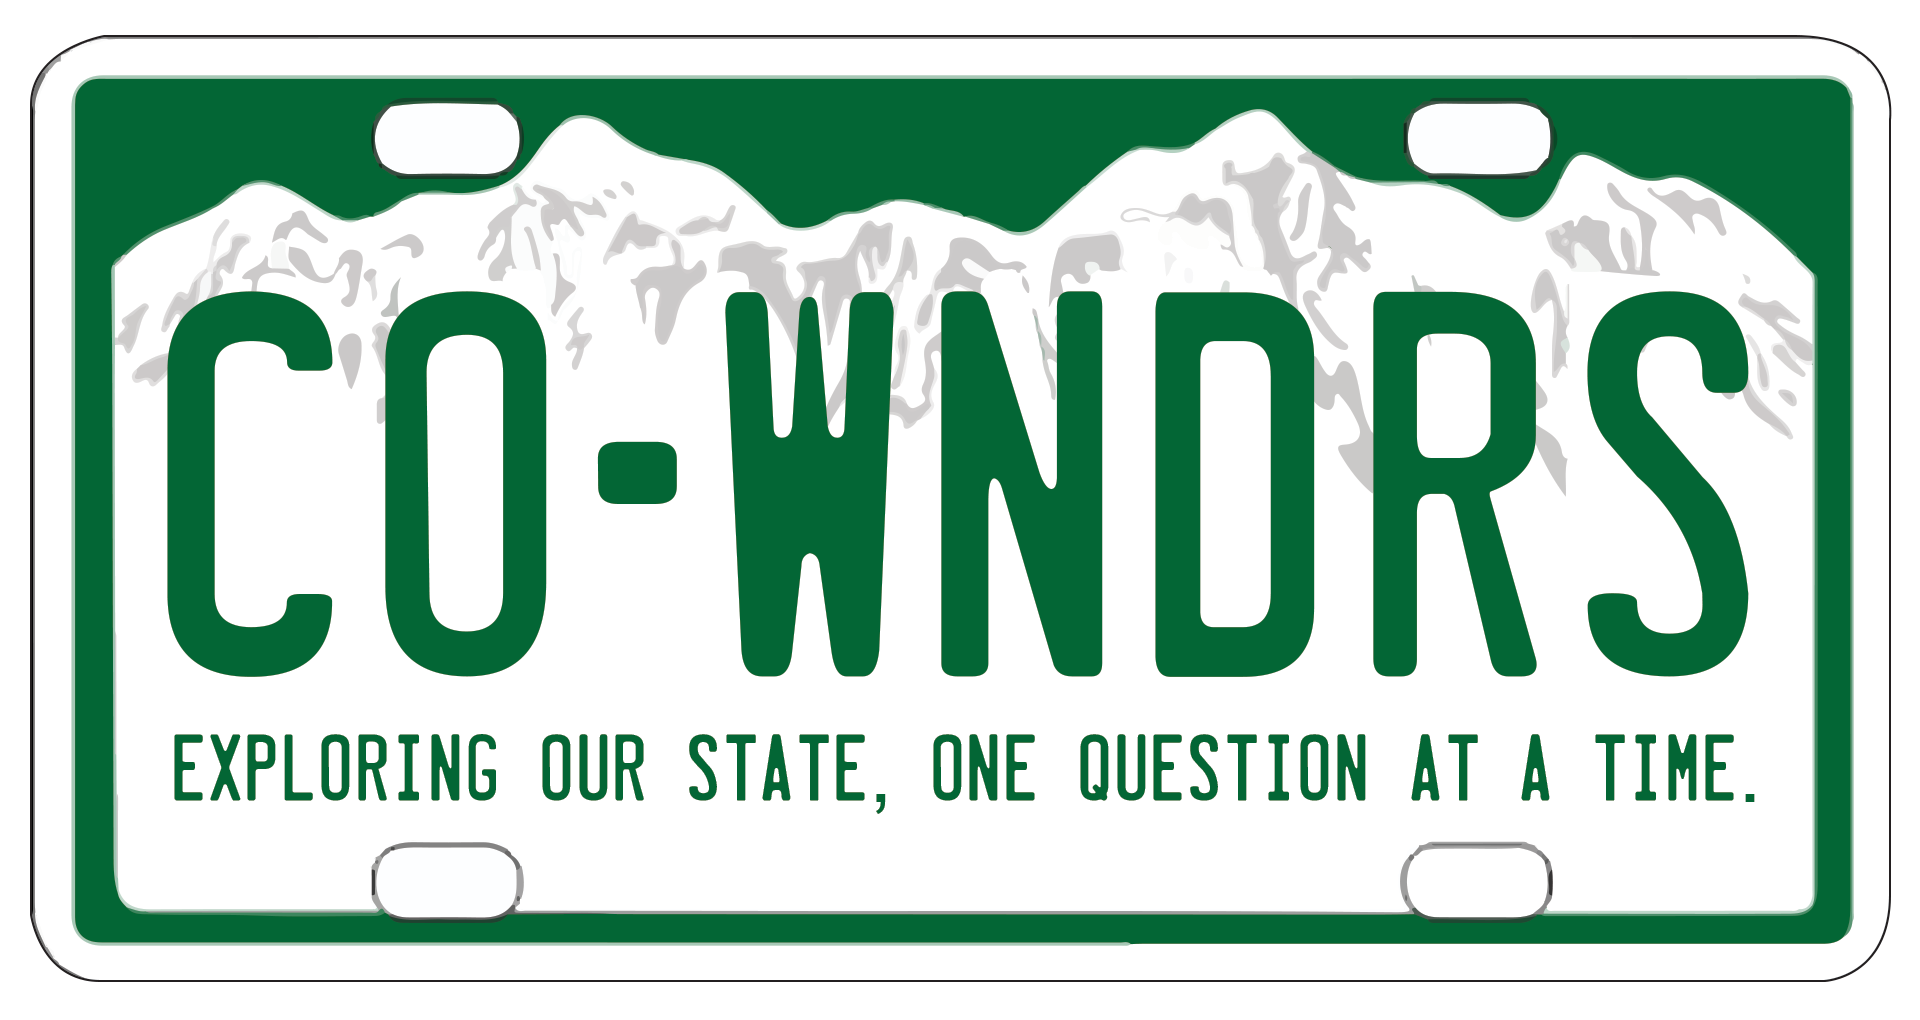 Graphic: Colorado Wonders logo